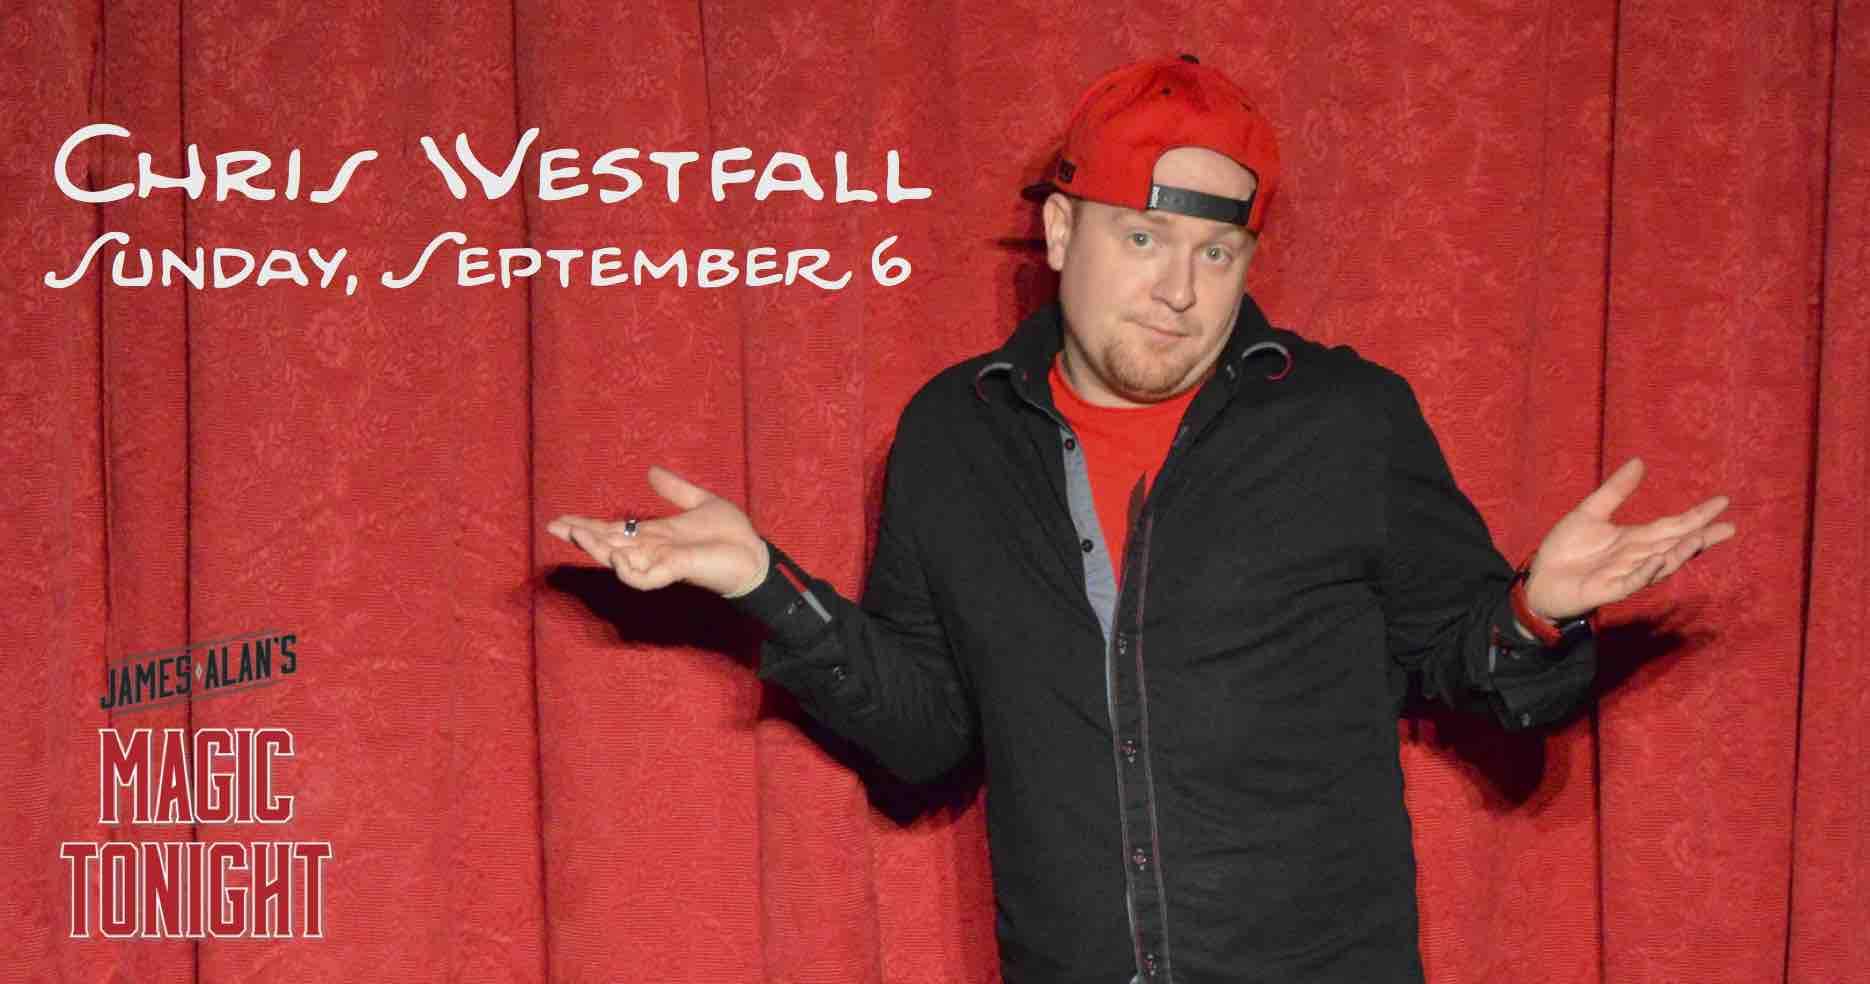 September 6 Chris Westfal